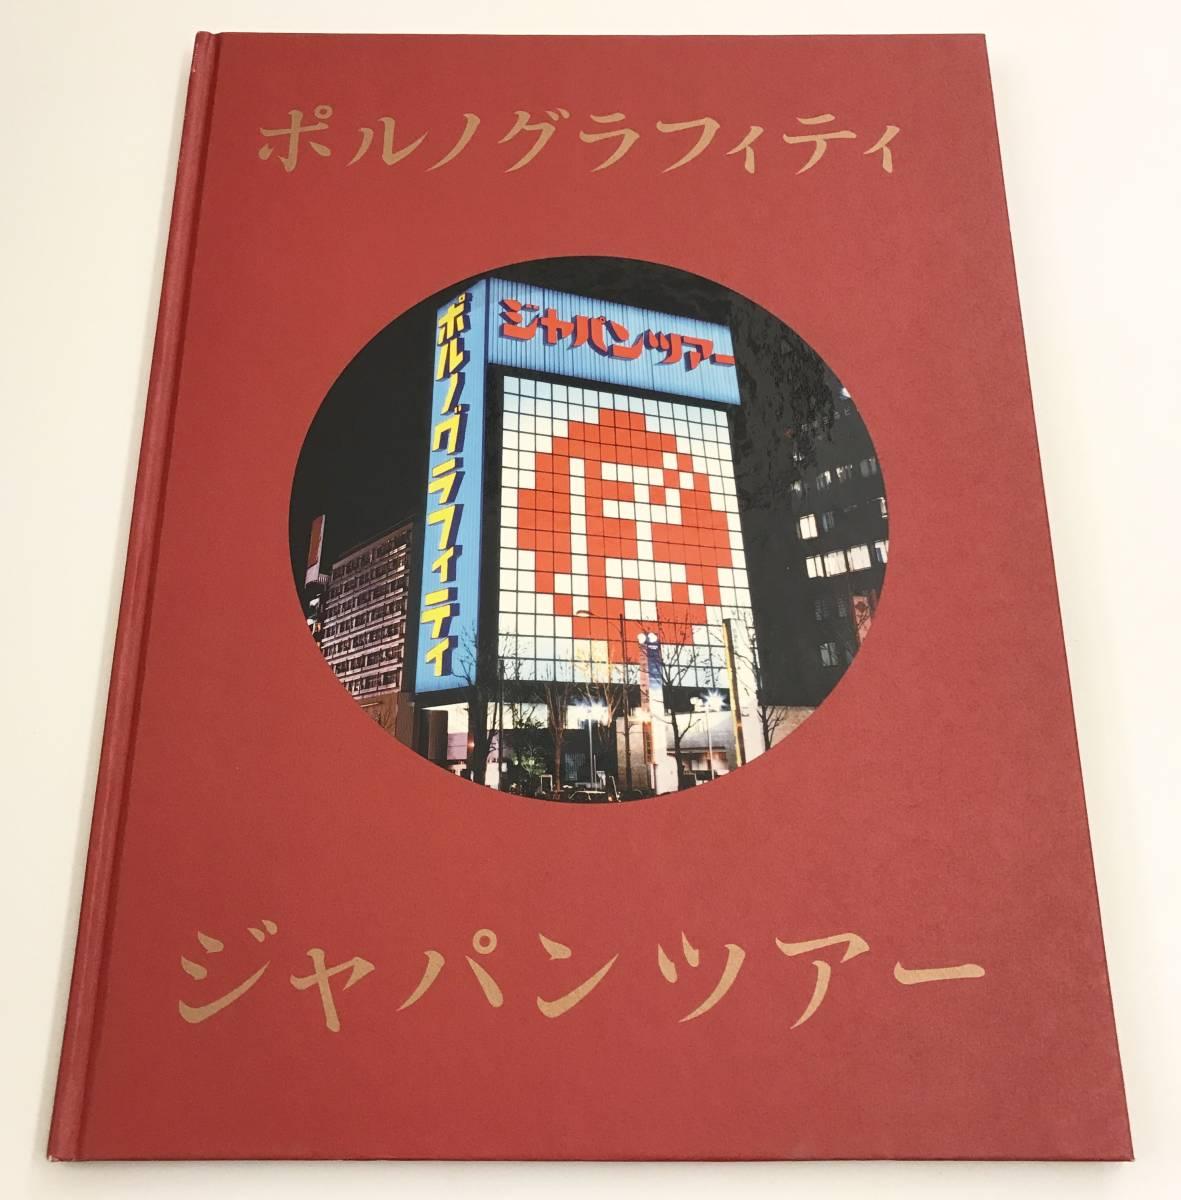 ポルノグラフィティ 2001 ジャパンツアー ツアーパンフレット